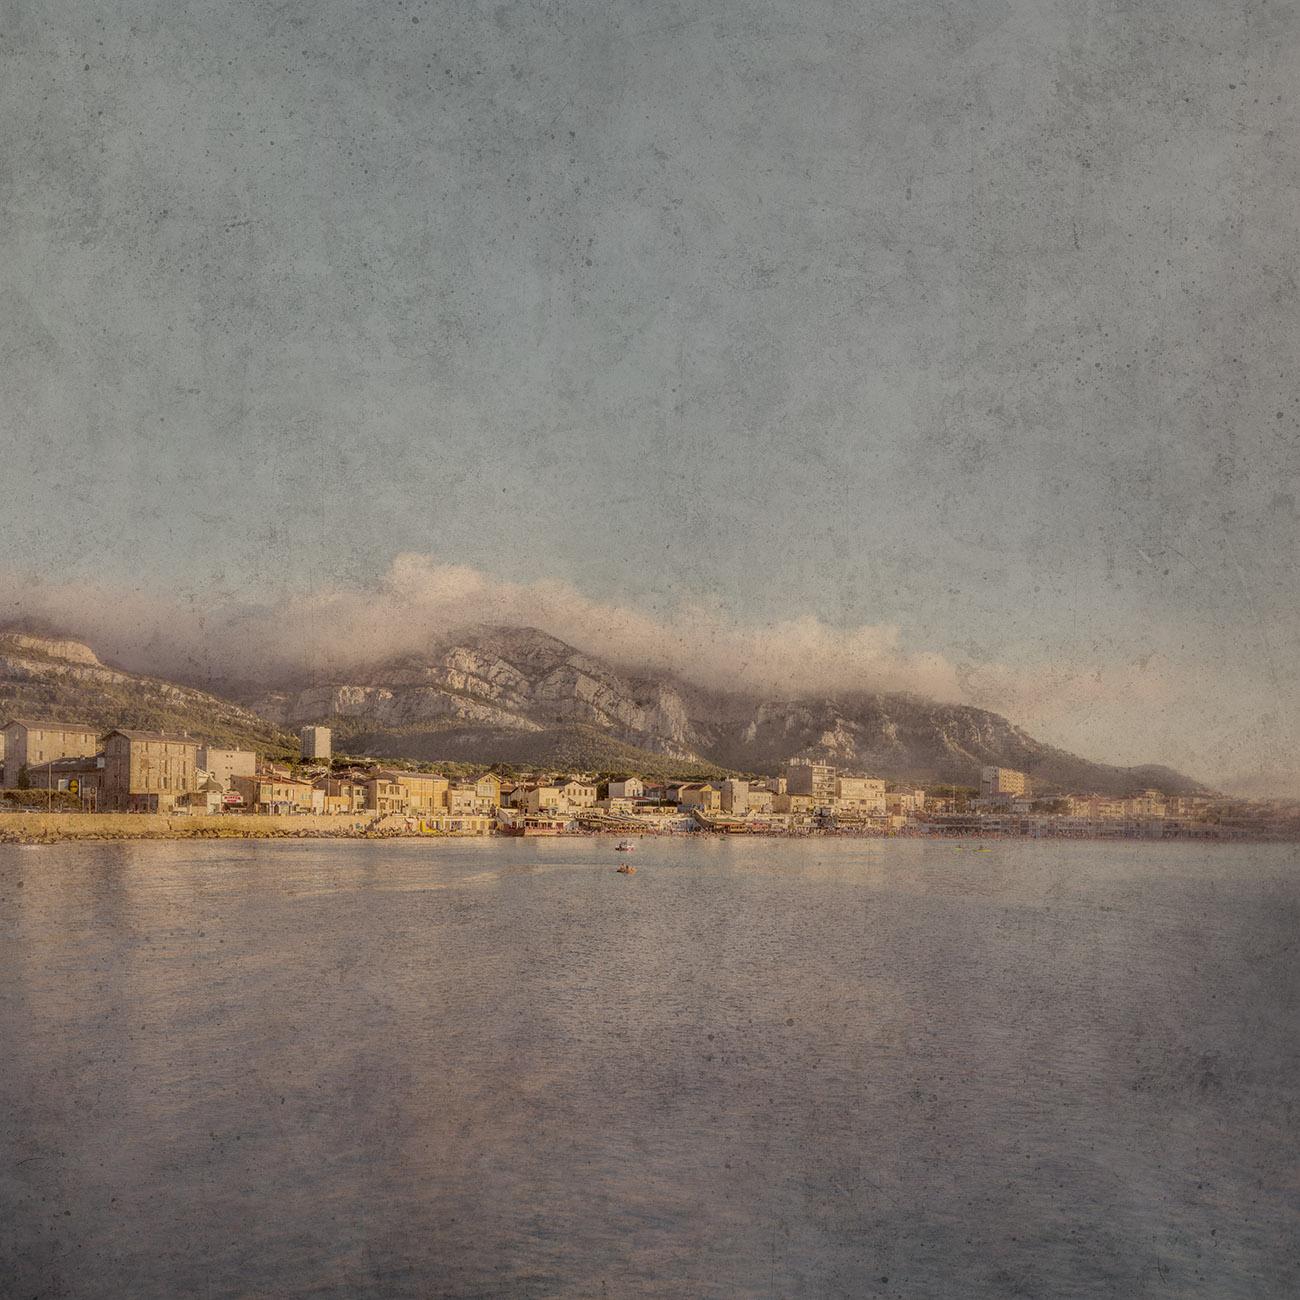 Pointe Rouge Marseille Bleu Marseille Paul-Louis Leger Photographie Photographe